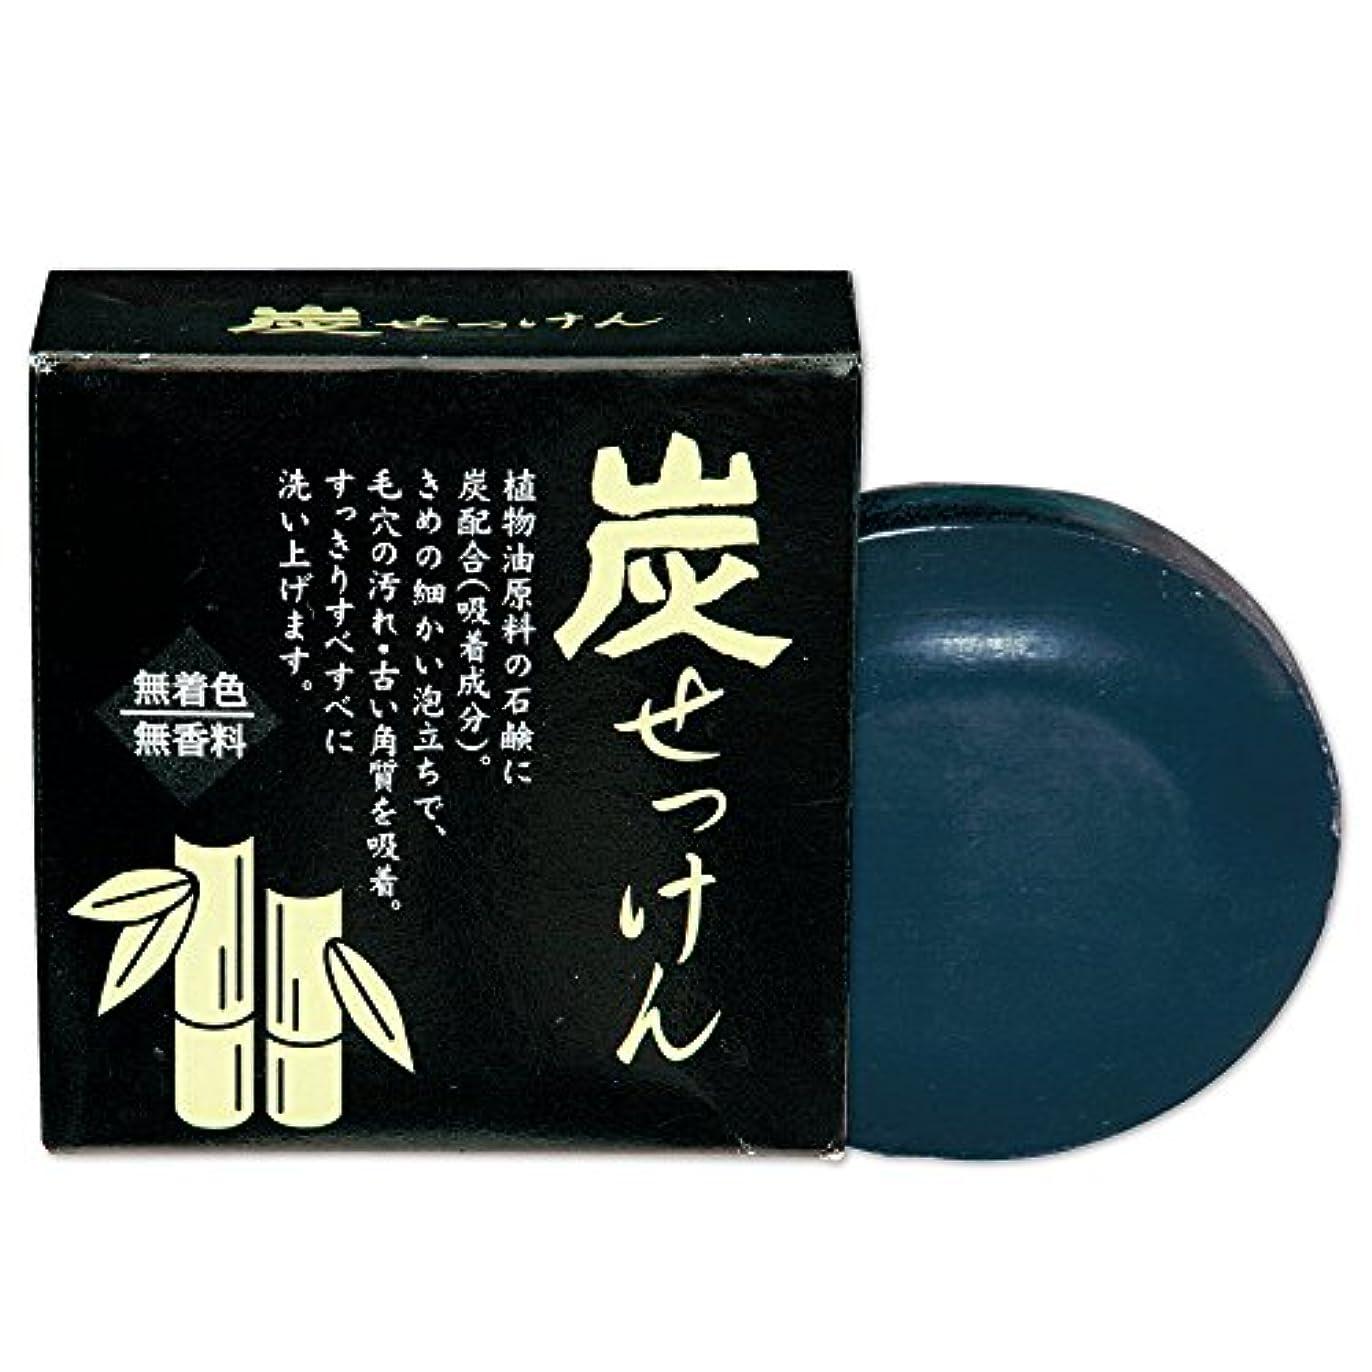 動機付ける取り付け例外竹炭の里 炭せっけん 無香料 無着色 100g 累計販売100万個突破の人気商品。